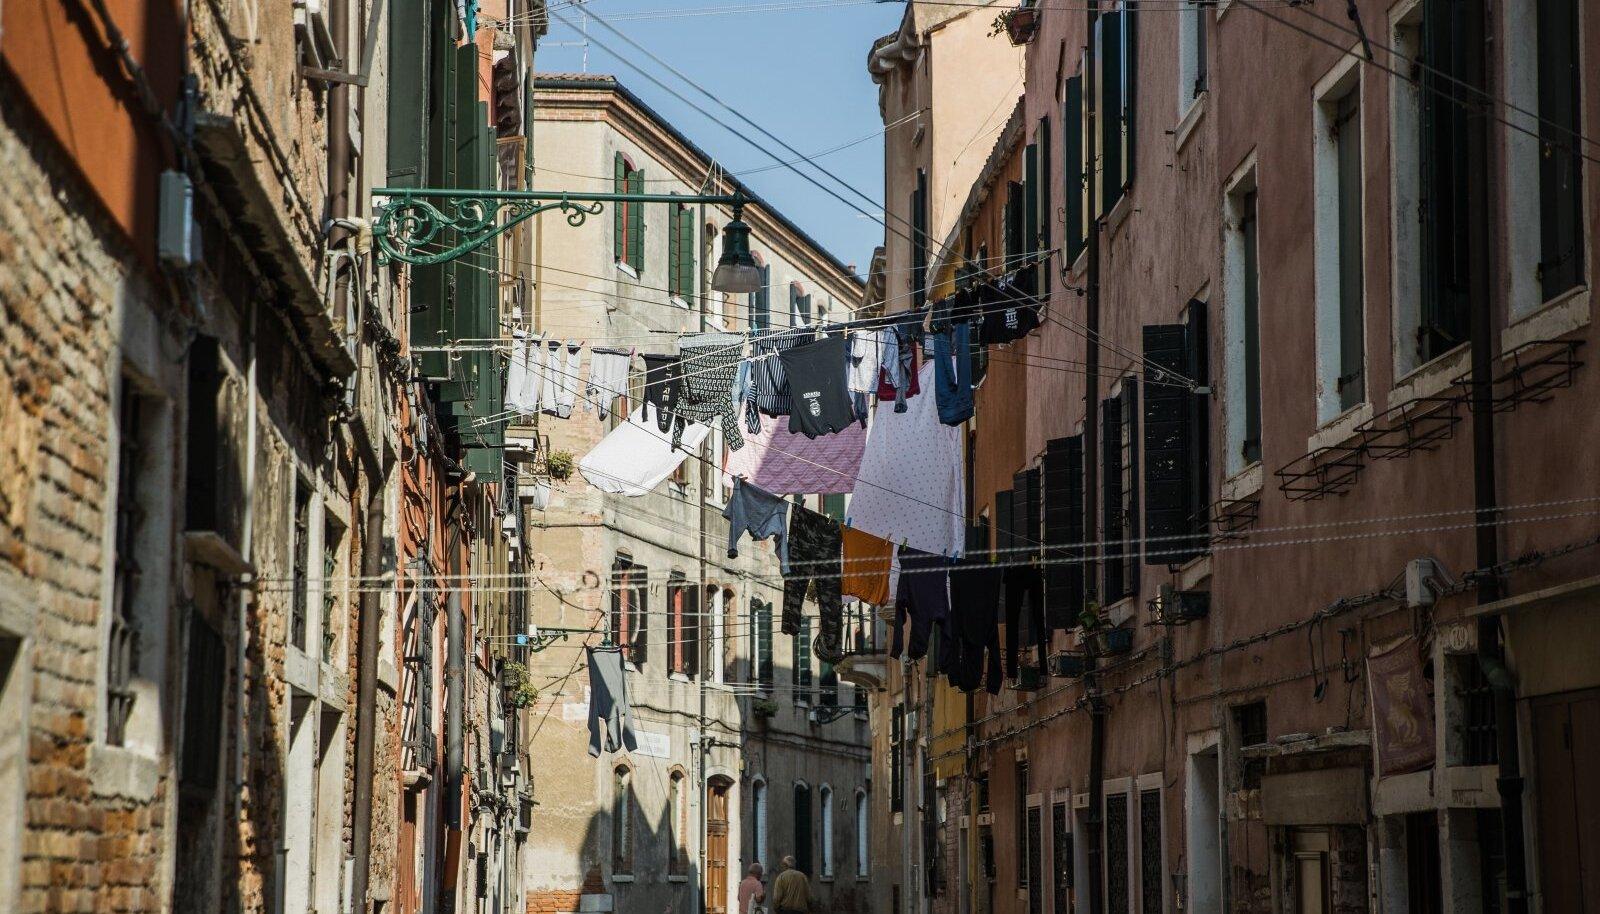 Tüüpiline Veneetsia tänav: ülesriputatud pesud vanade majade vahel